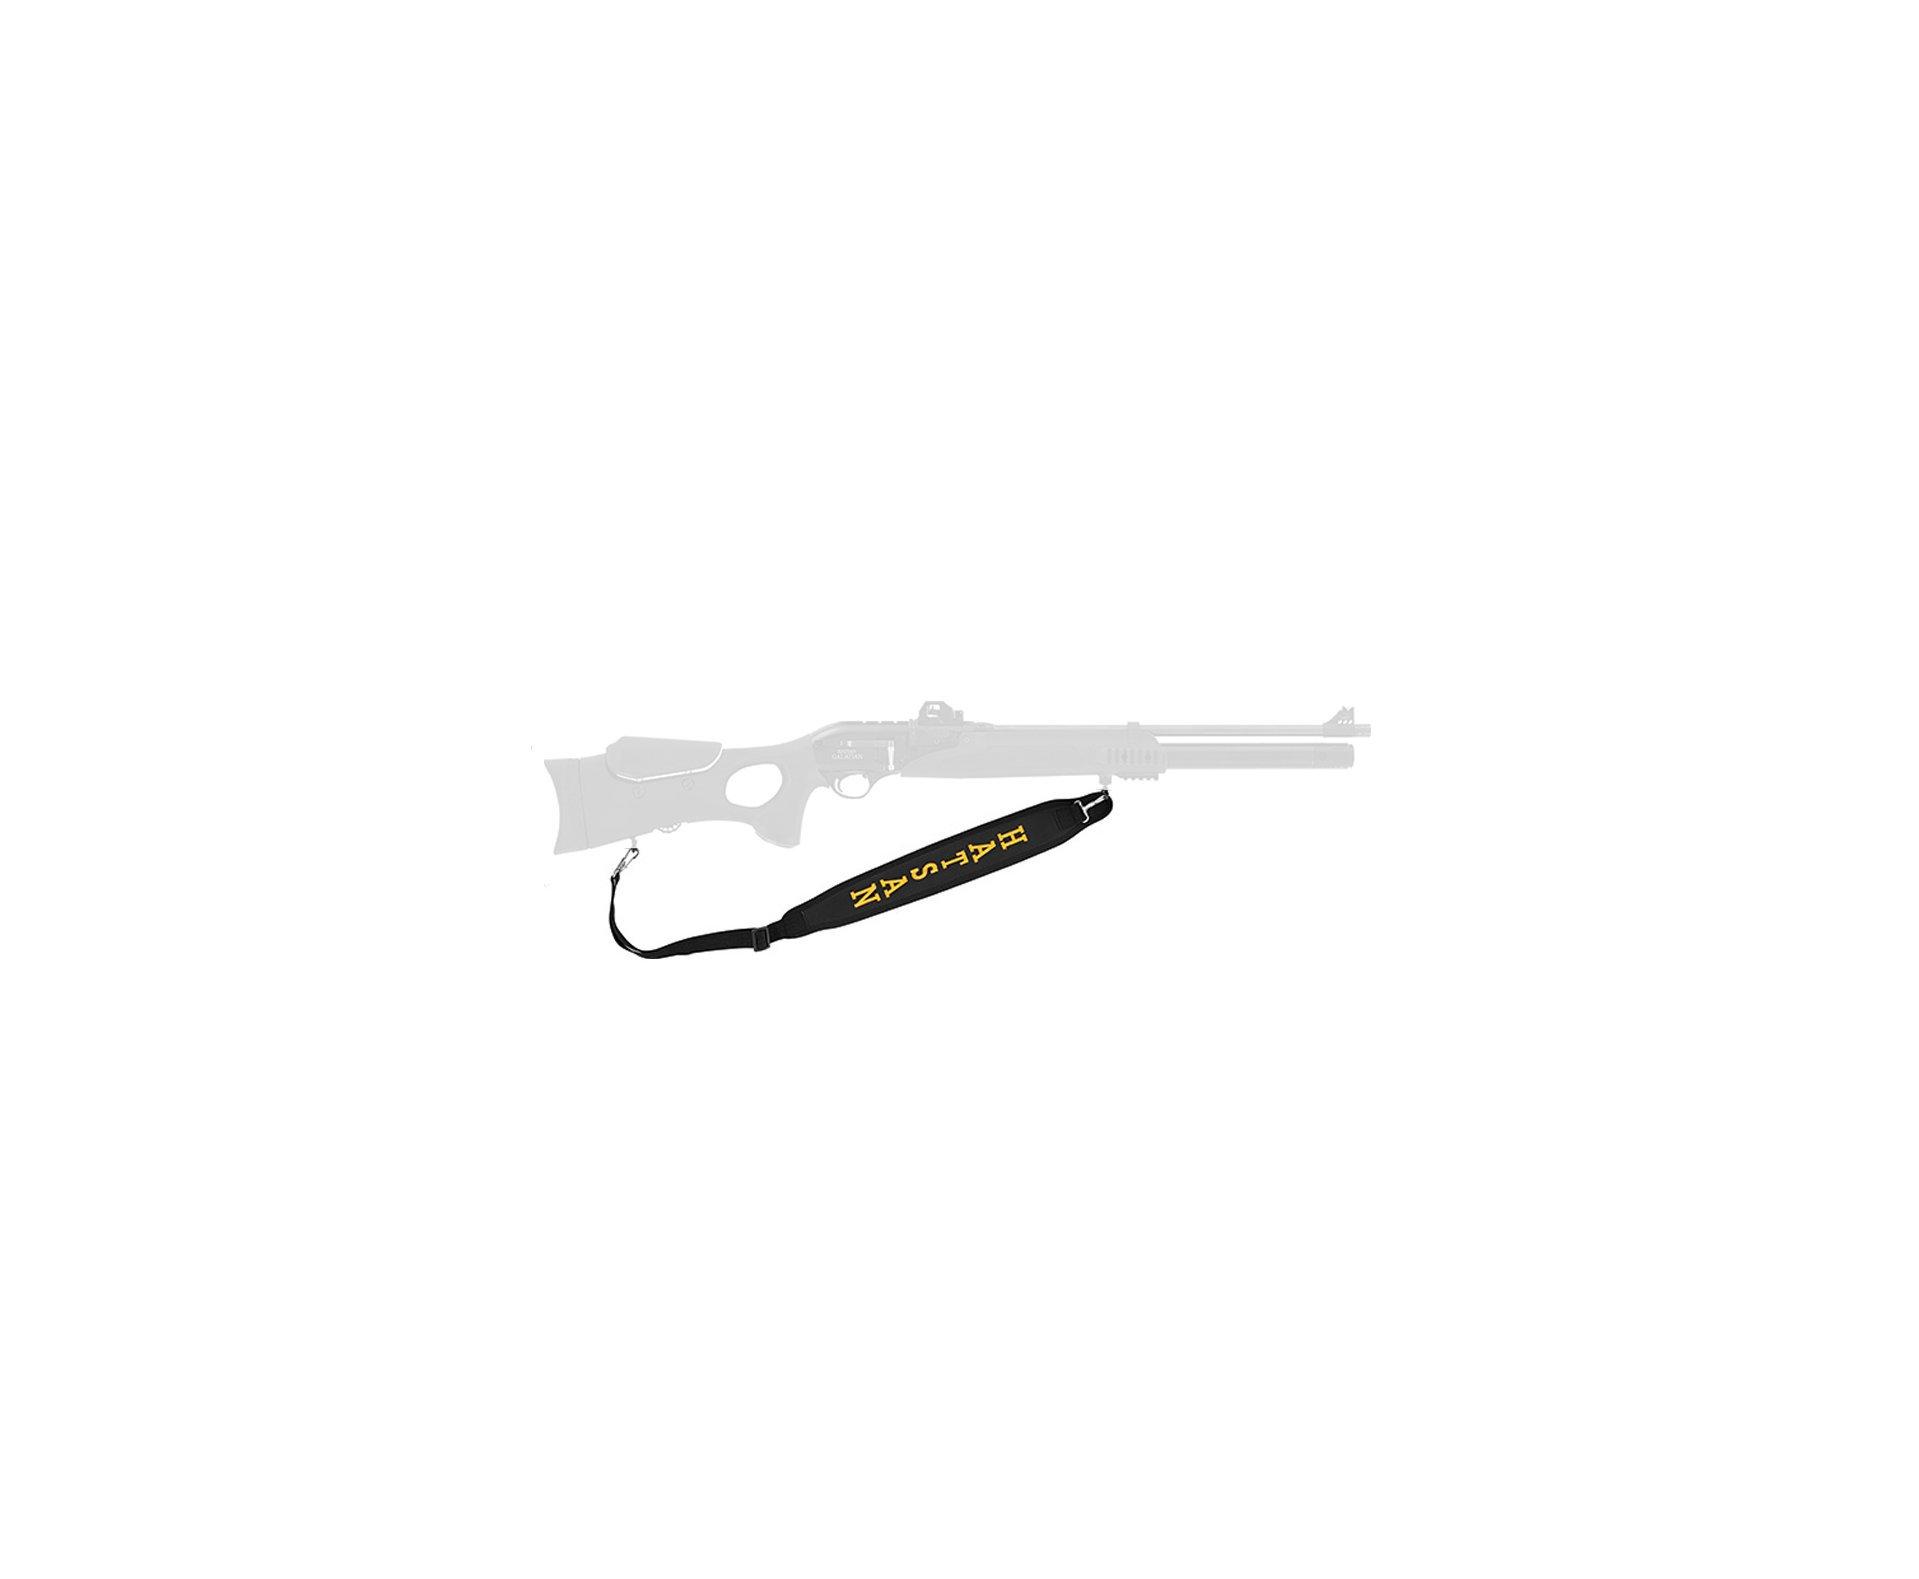 Carabina De Pressão Hatsan Pcp At44-10 Tactical - Calibre 5,5 Mm